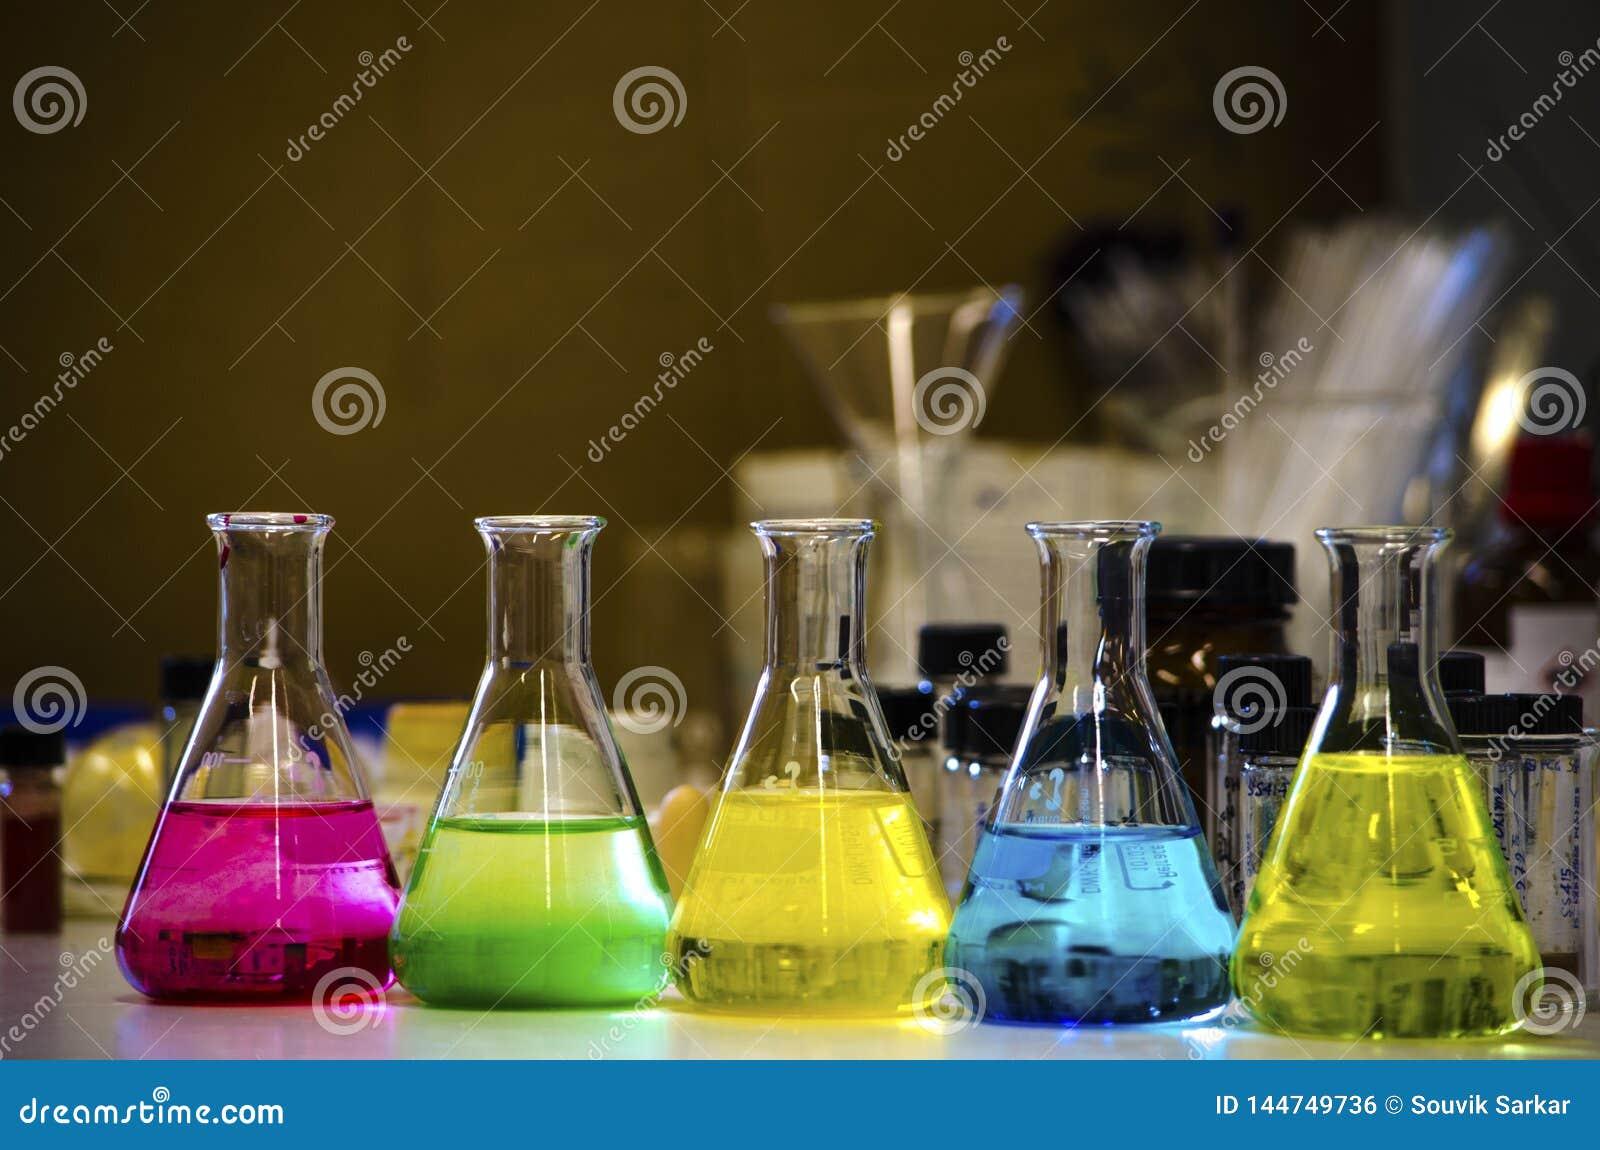 Färgrik lösning i den koniska flaskan som fodras på en bänk i en kemilabb med experiment för organisk kemi för suddighetsbakgrund